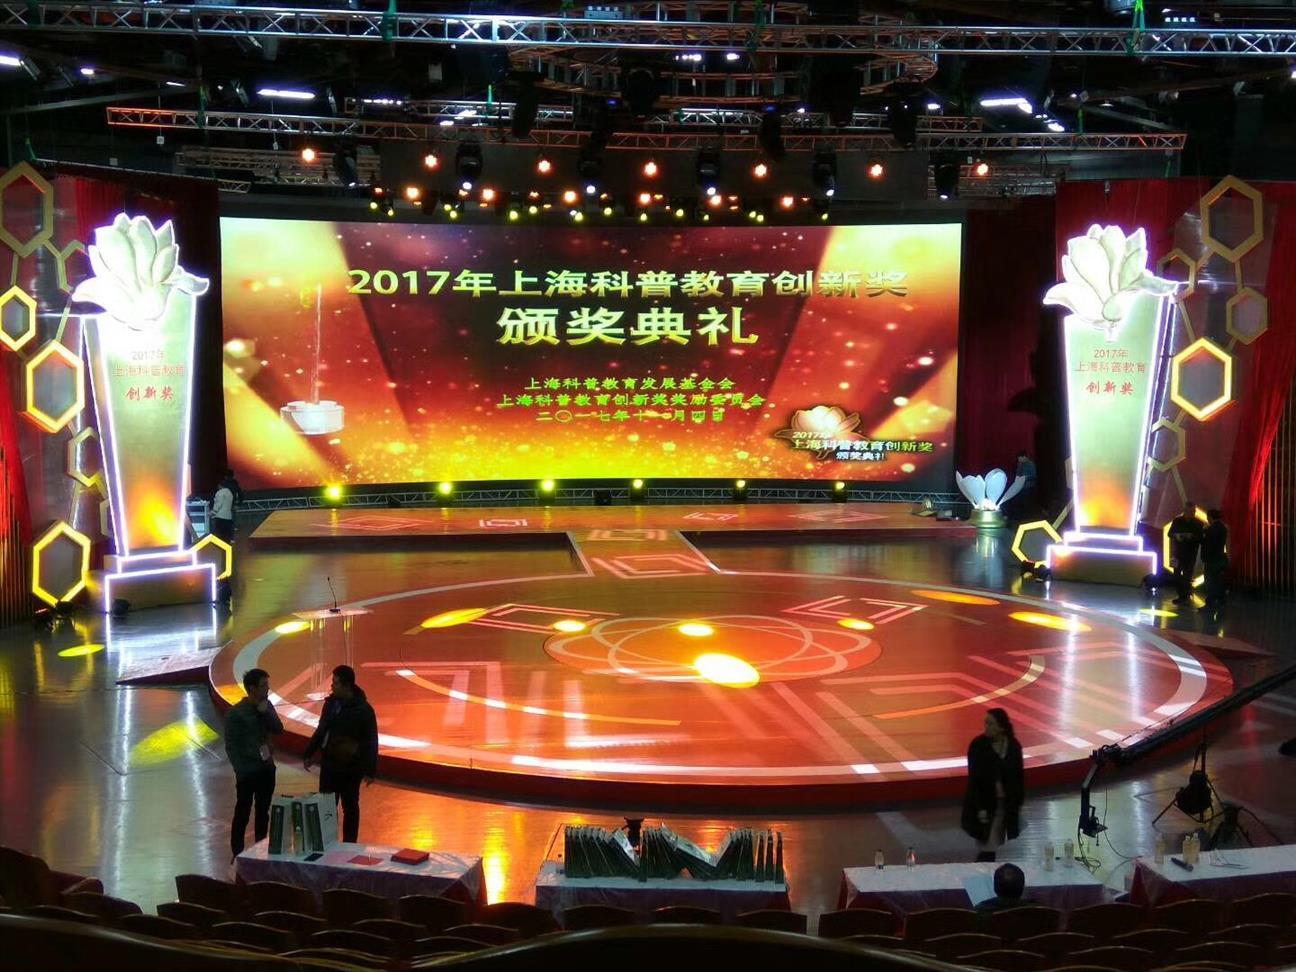 上海会务会议策划找束影